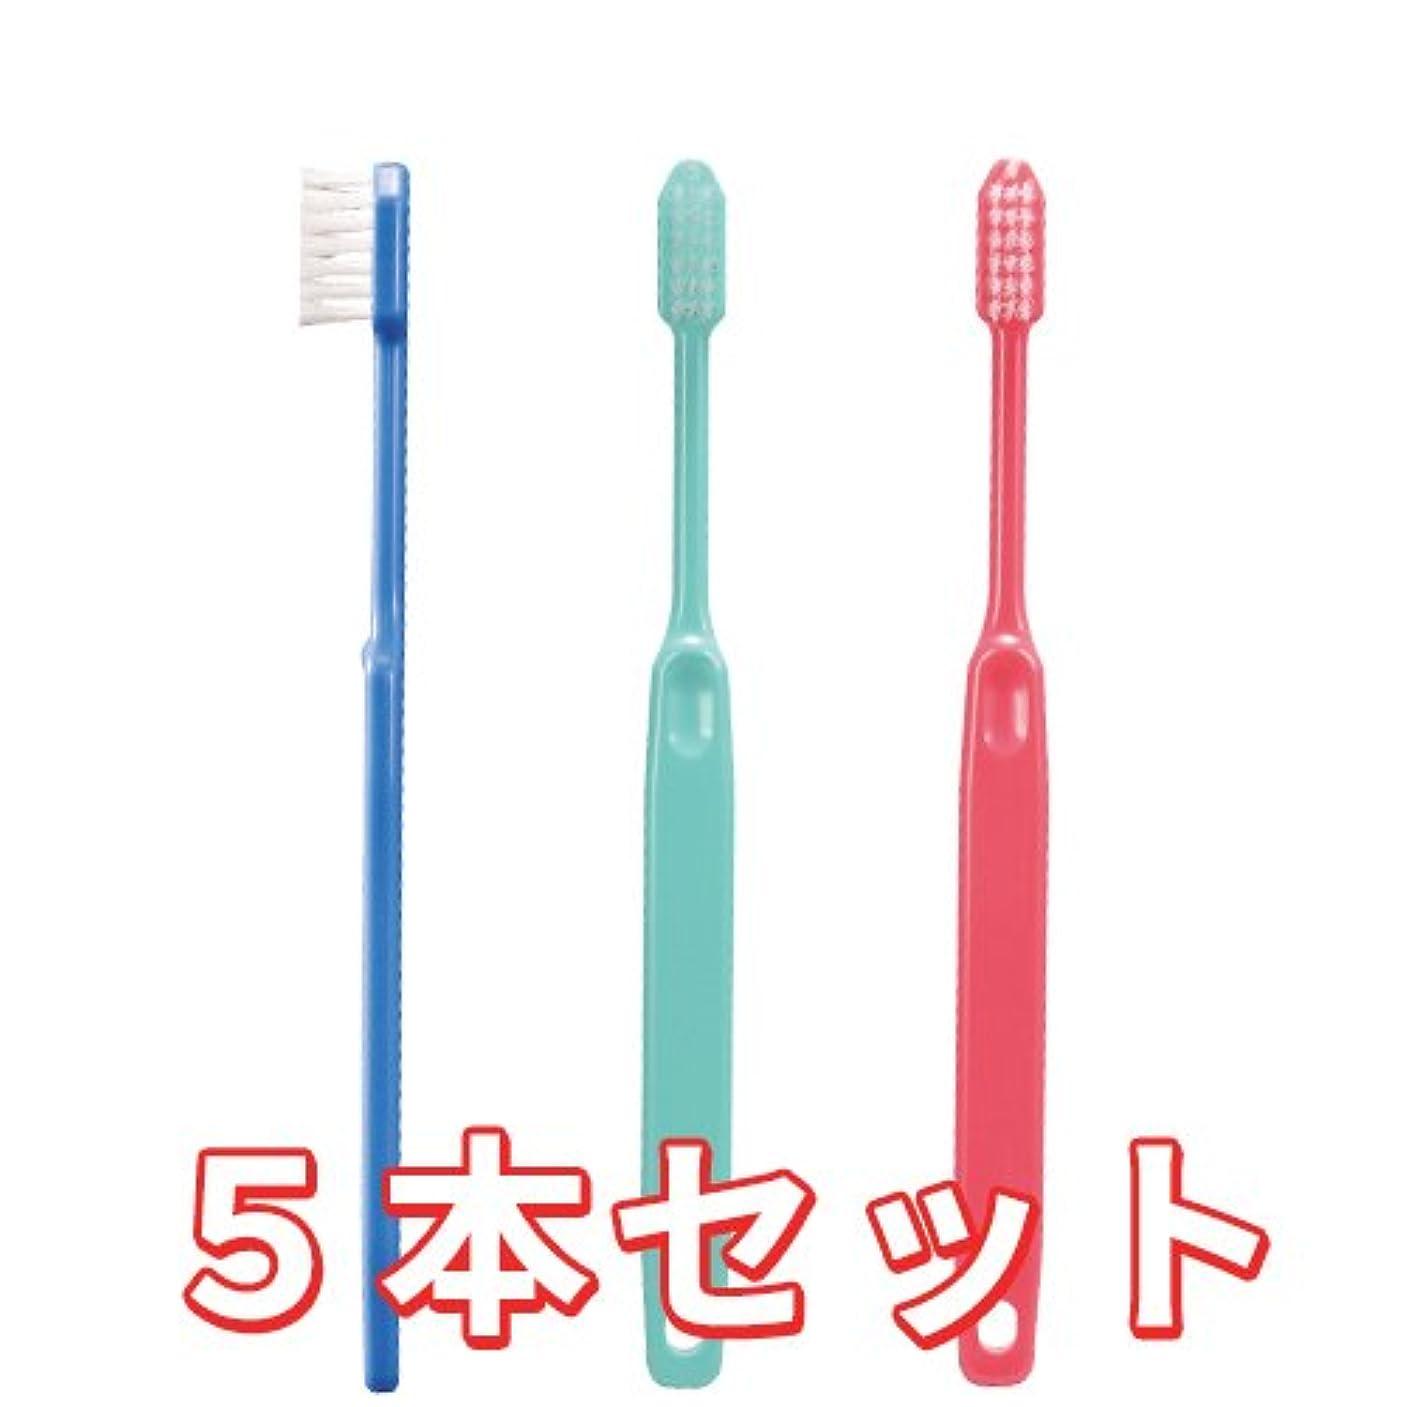 教会ハンサム渇きCiメディカル 歯ブラシ コンパクトヘッド 疎毛タイプ アソート 5本 (Ci25(やわらかめ))